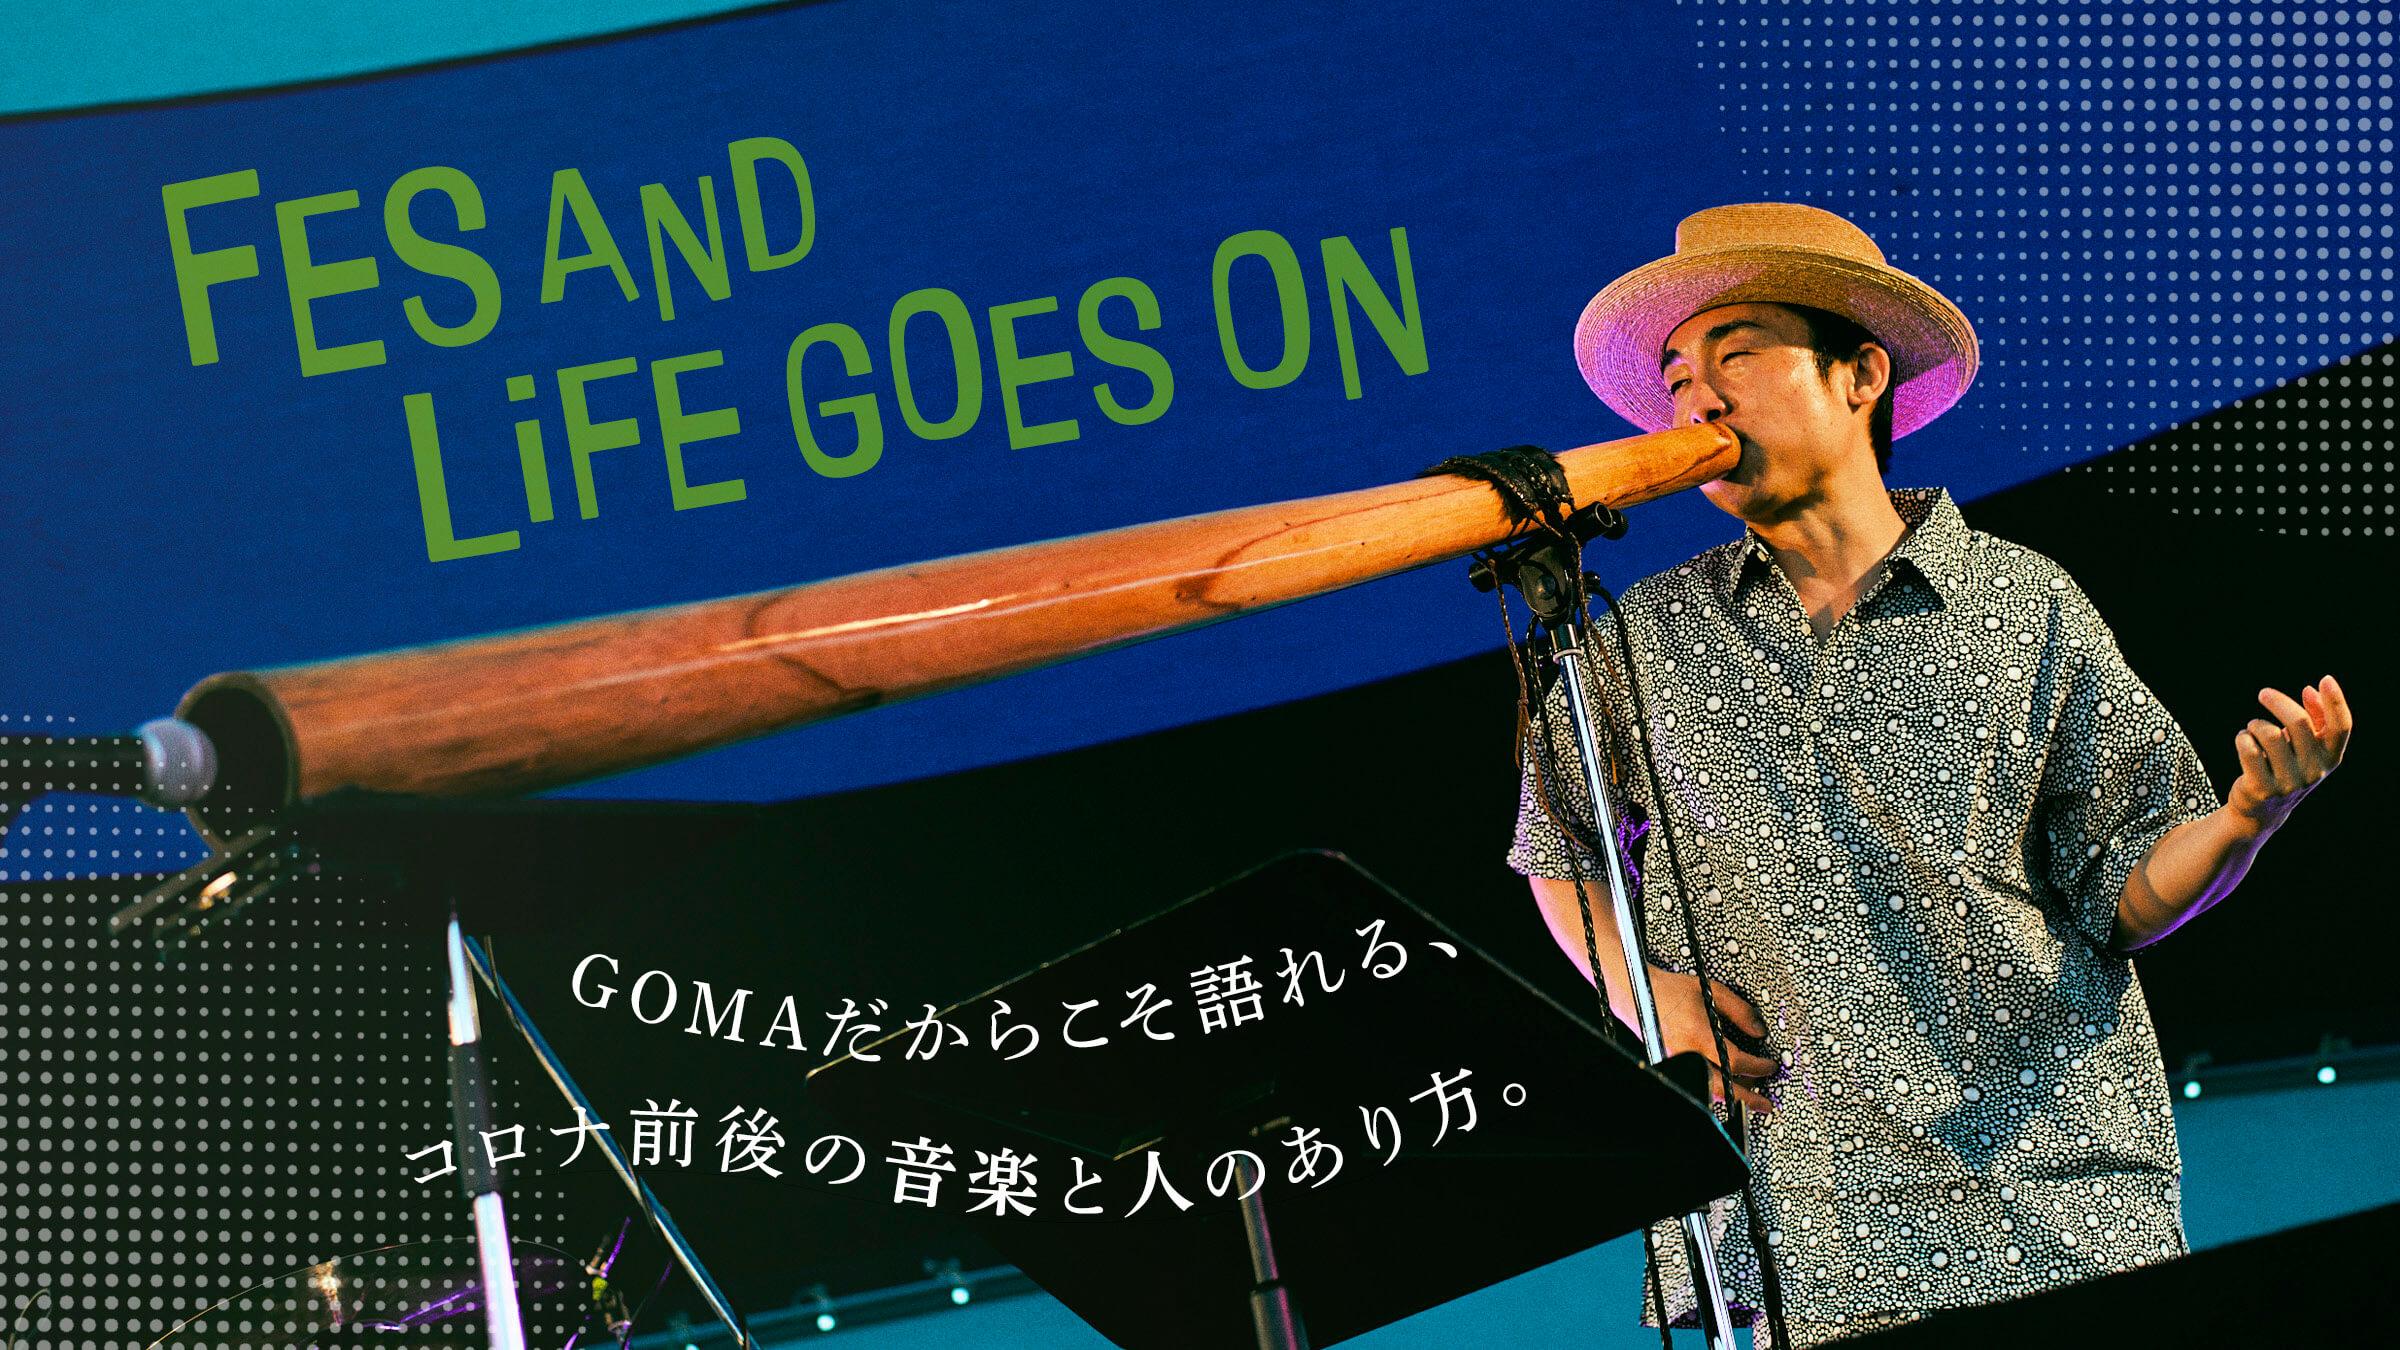 GOMAだからこそ語れる、コロナ前後の音楽と人のあり方。